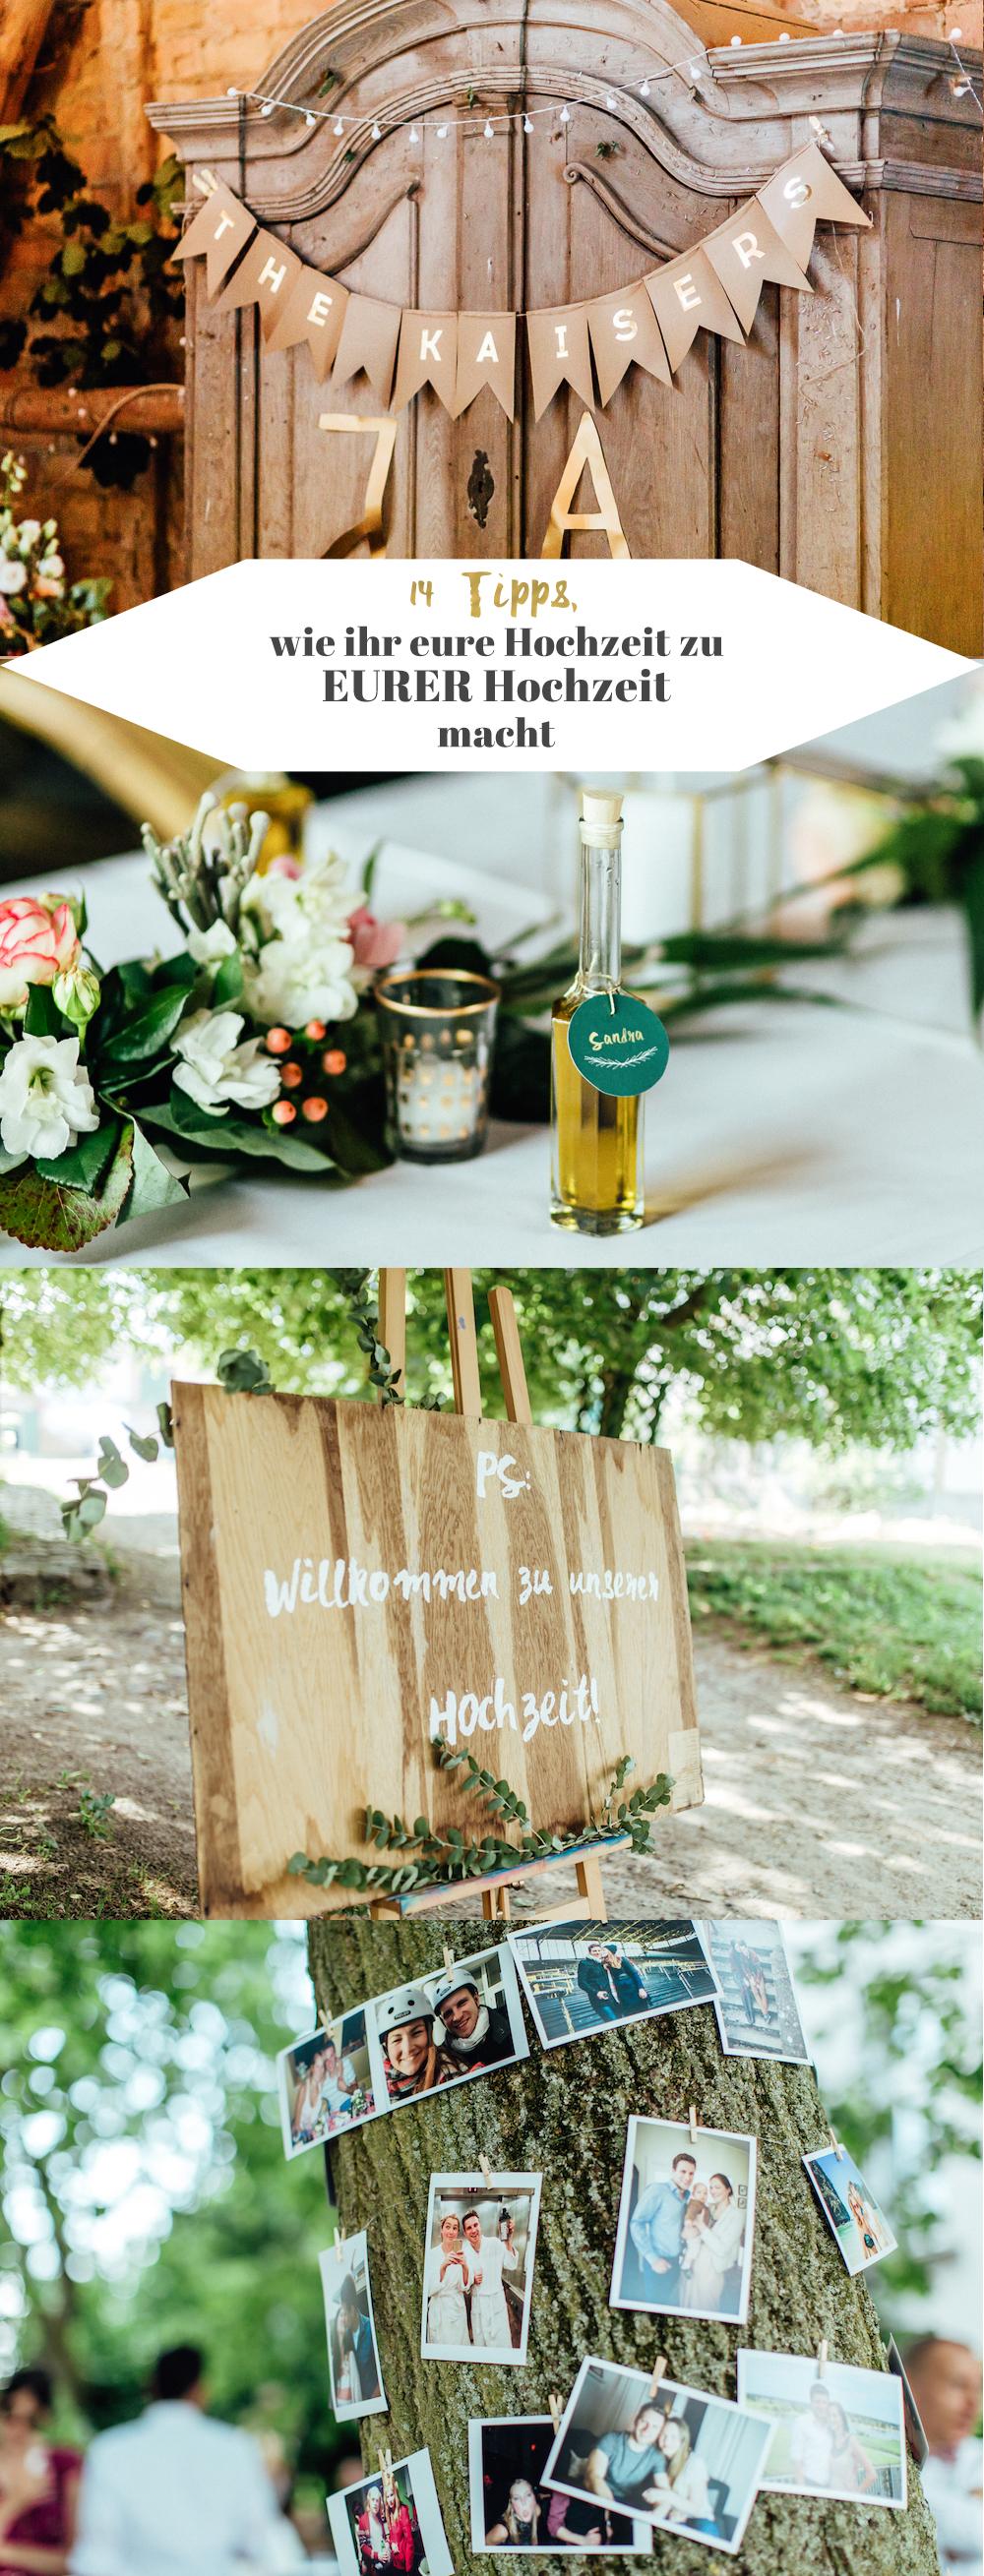 14 Tipps, wie ihr eure Hochzeit persönlich gestalten könnt